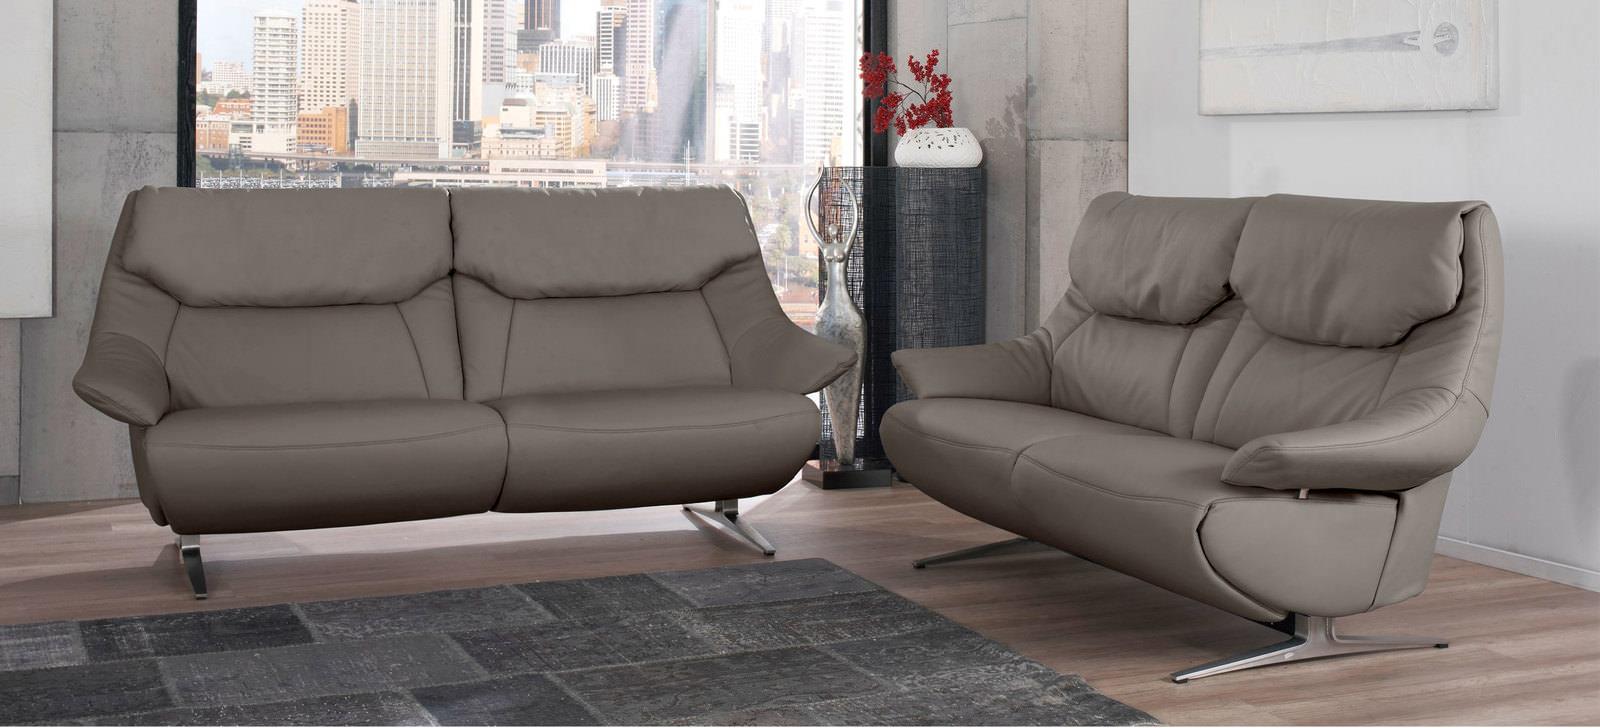 charmant mondo polsterm bel galerie die kinderzimmer. Black Bedroom Furniture Sets. Home Design Ideas